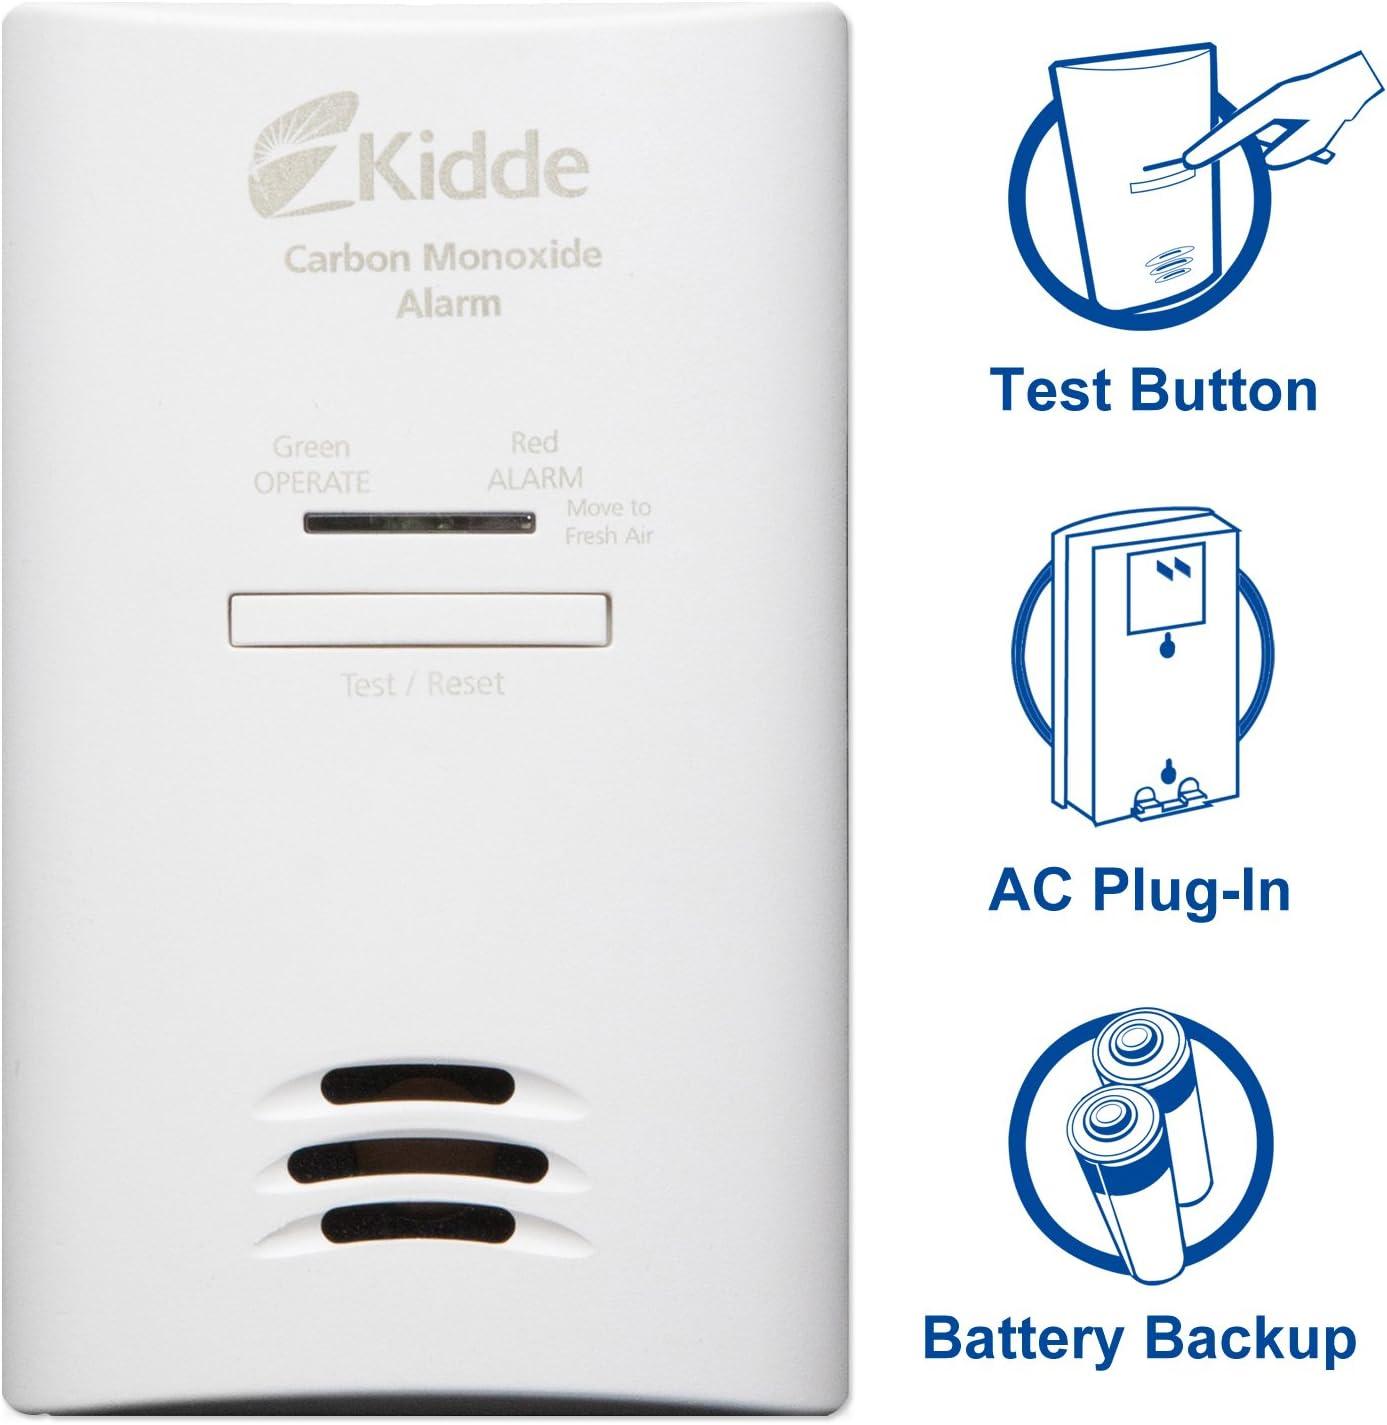 Kidde Tamper Resistant Plug-In Carbon Monoxide Detector Alarm with Battery Backup Model KNCOB-DP2